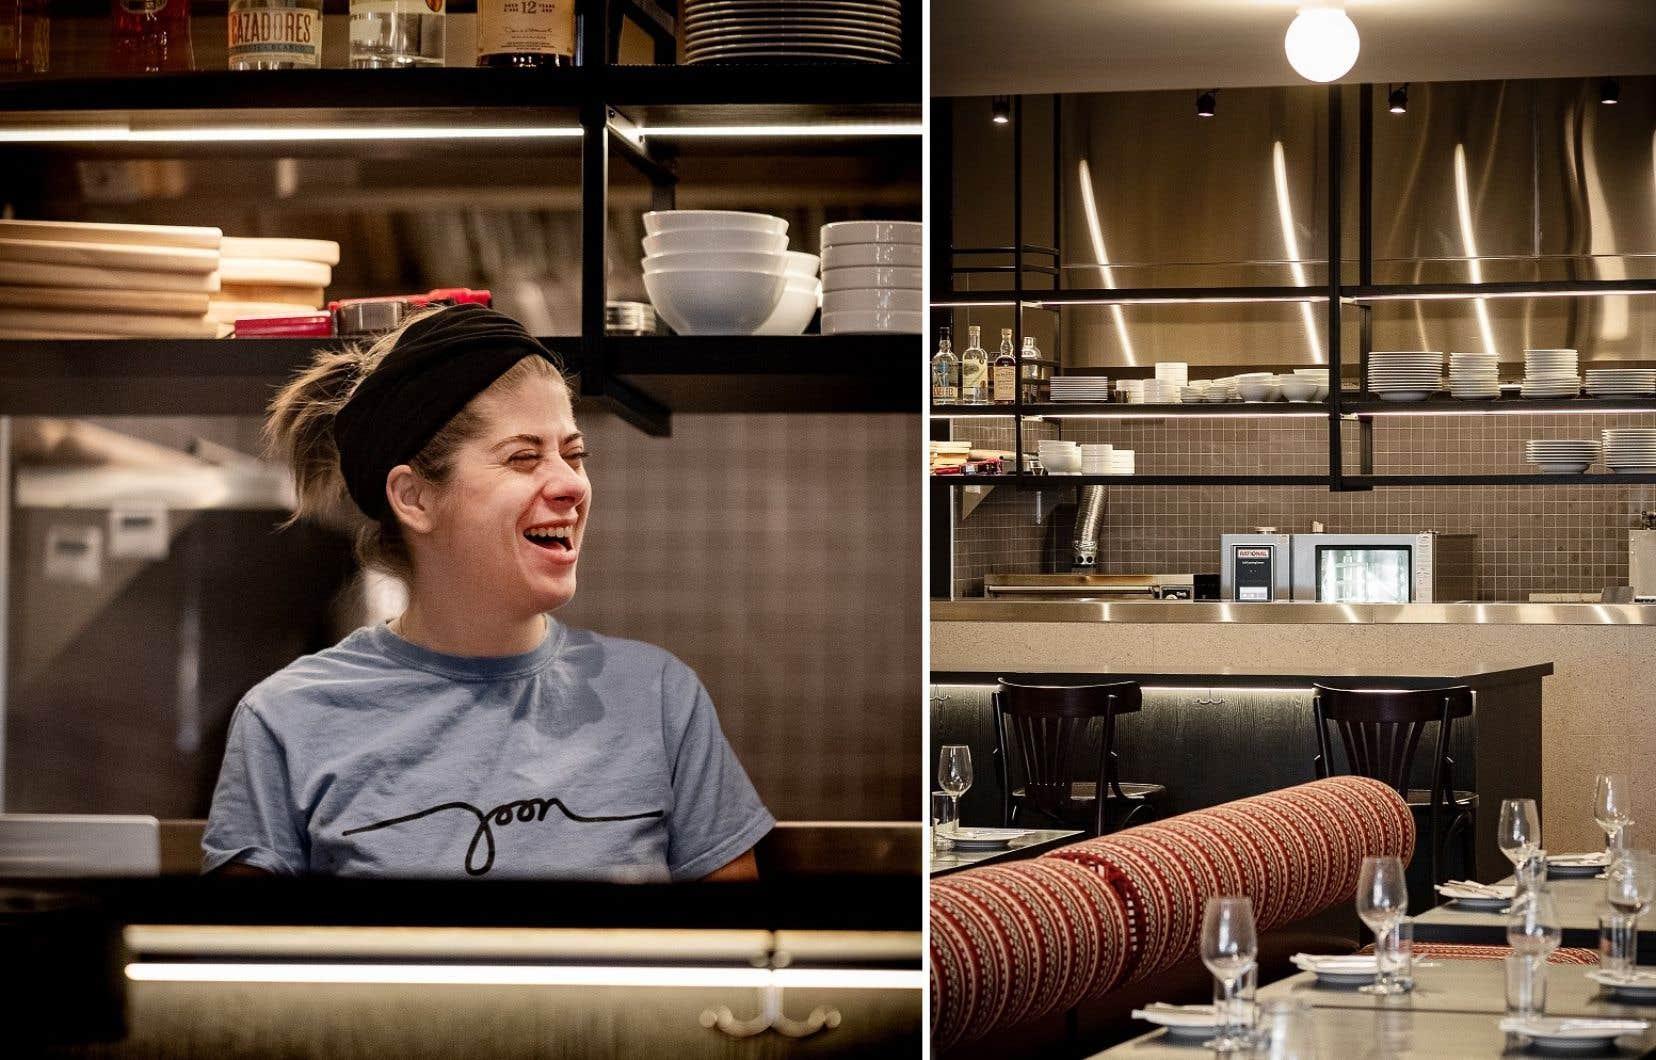 La nouvelle salle à manger du Joon est vide, mais dans la cuisine, la cheffe Erin Mahoney s'active à préparer des plats inspirés de l'Arménie, de l'Iran et de la Géorgie.